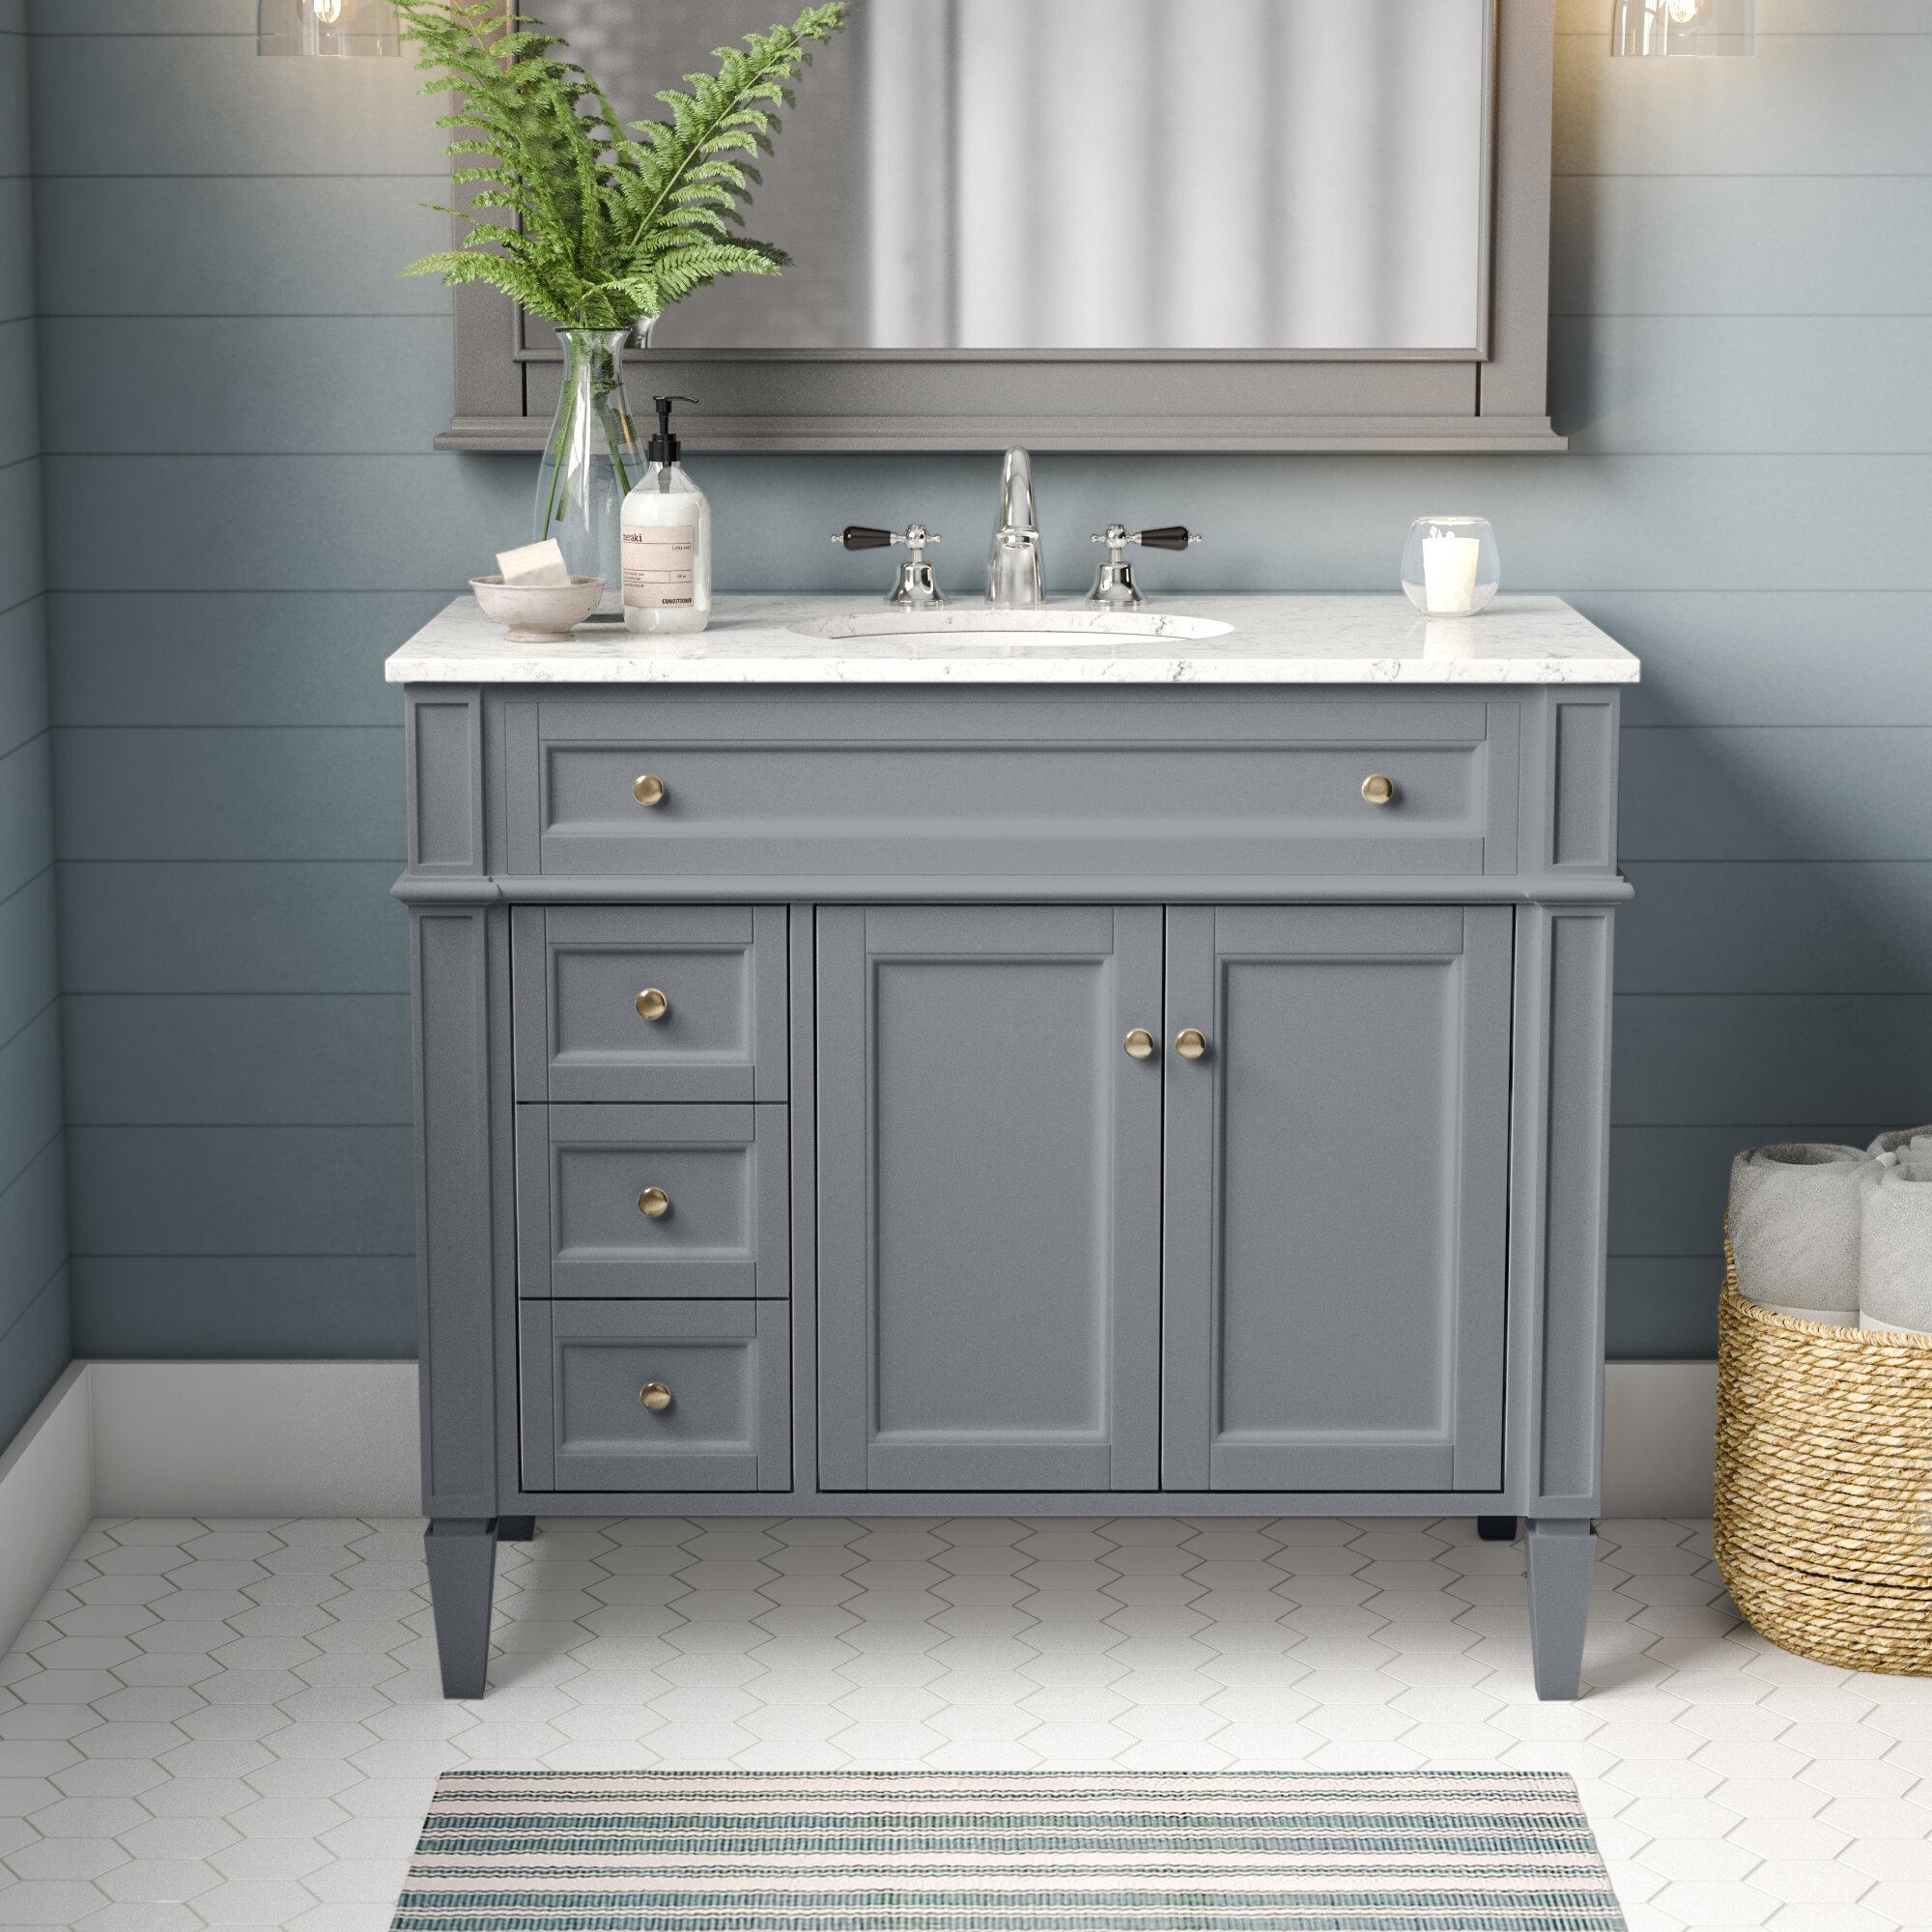 3 Drawer Bathroom Vanities You Ll Love In 2021 Wayfair